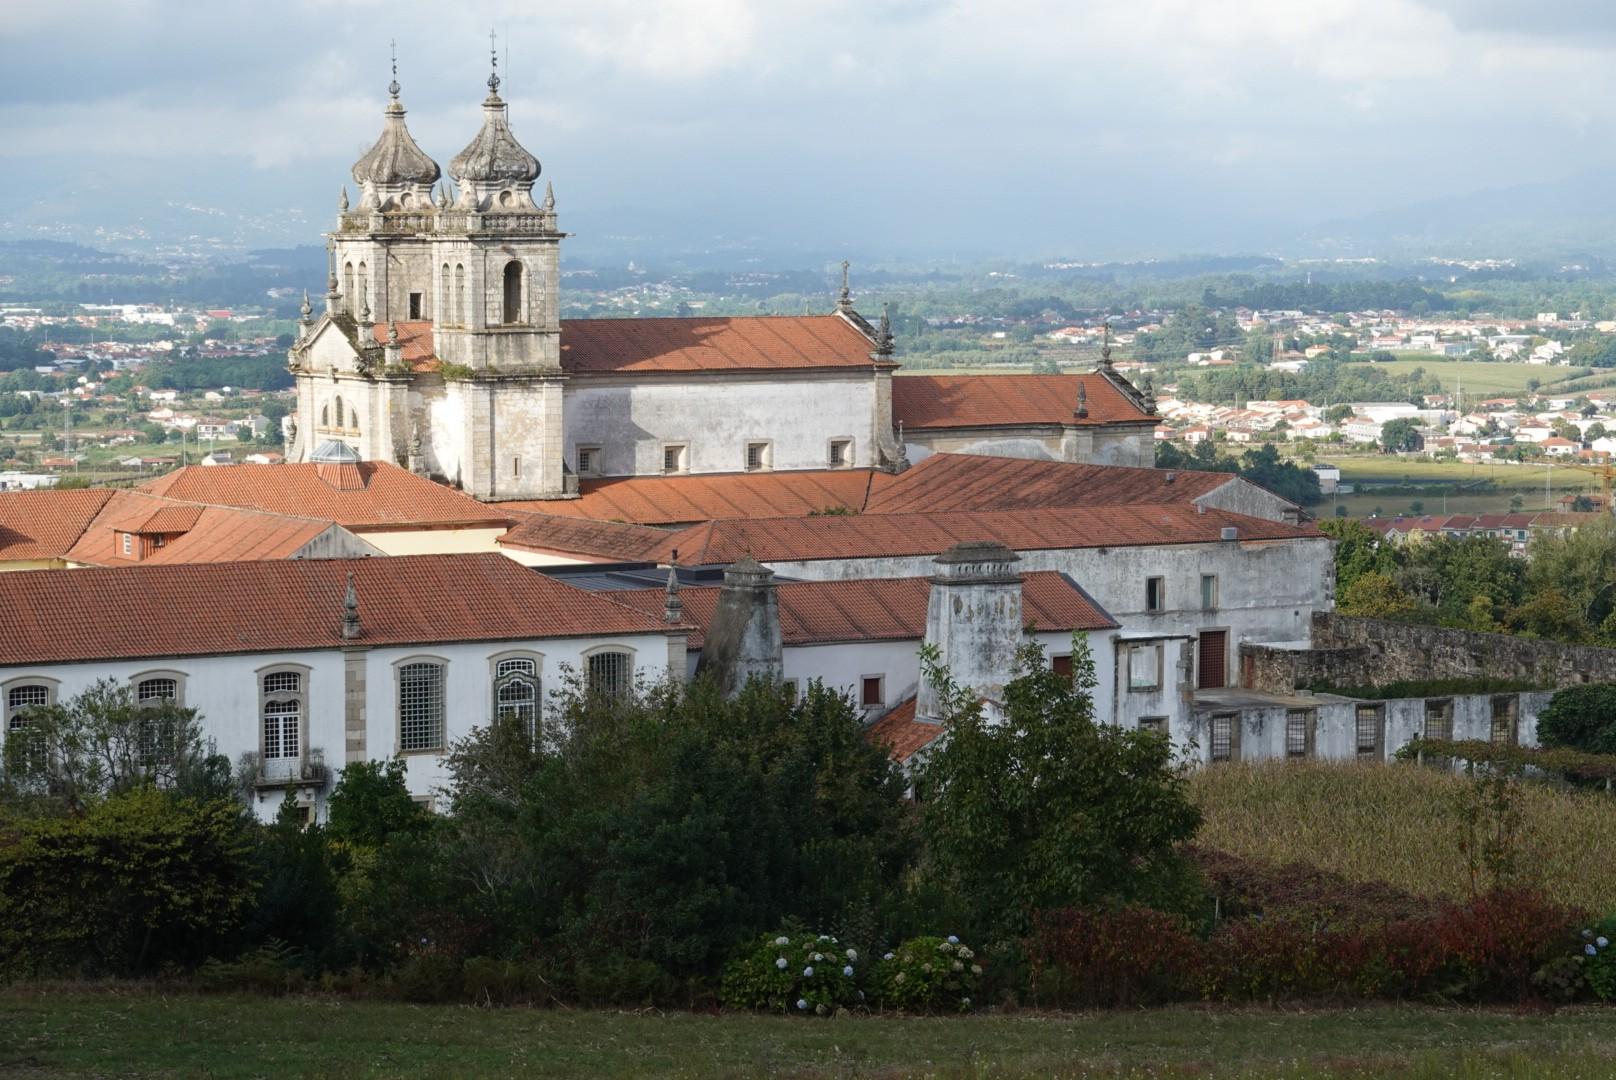 25 septembre : Monastère de Saõ Martinho de Tibães